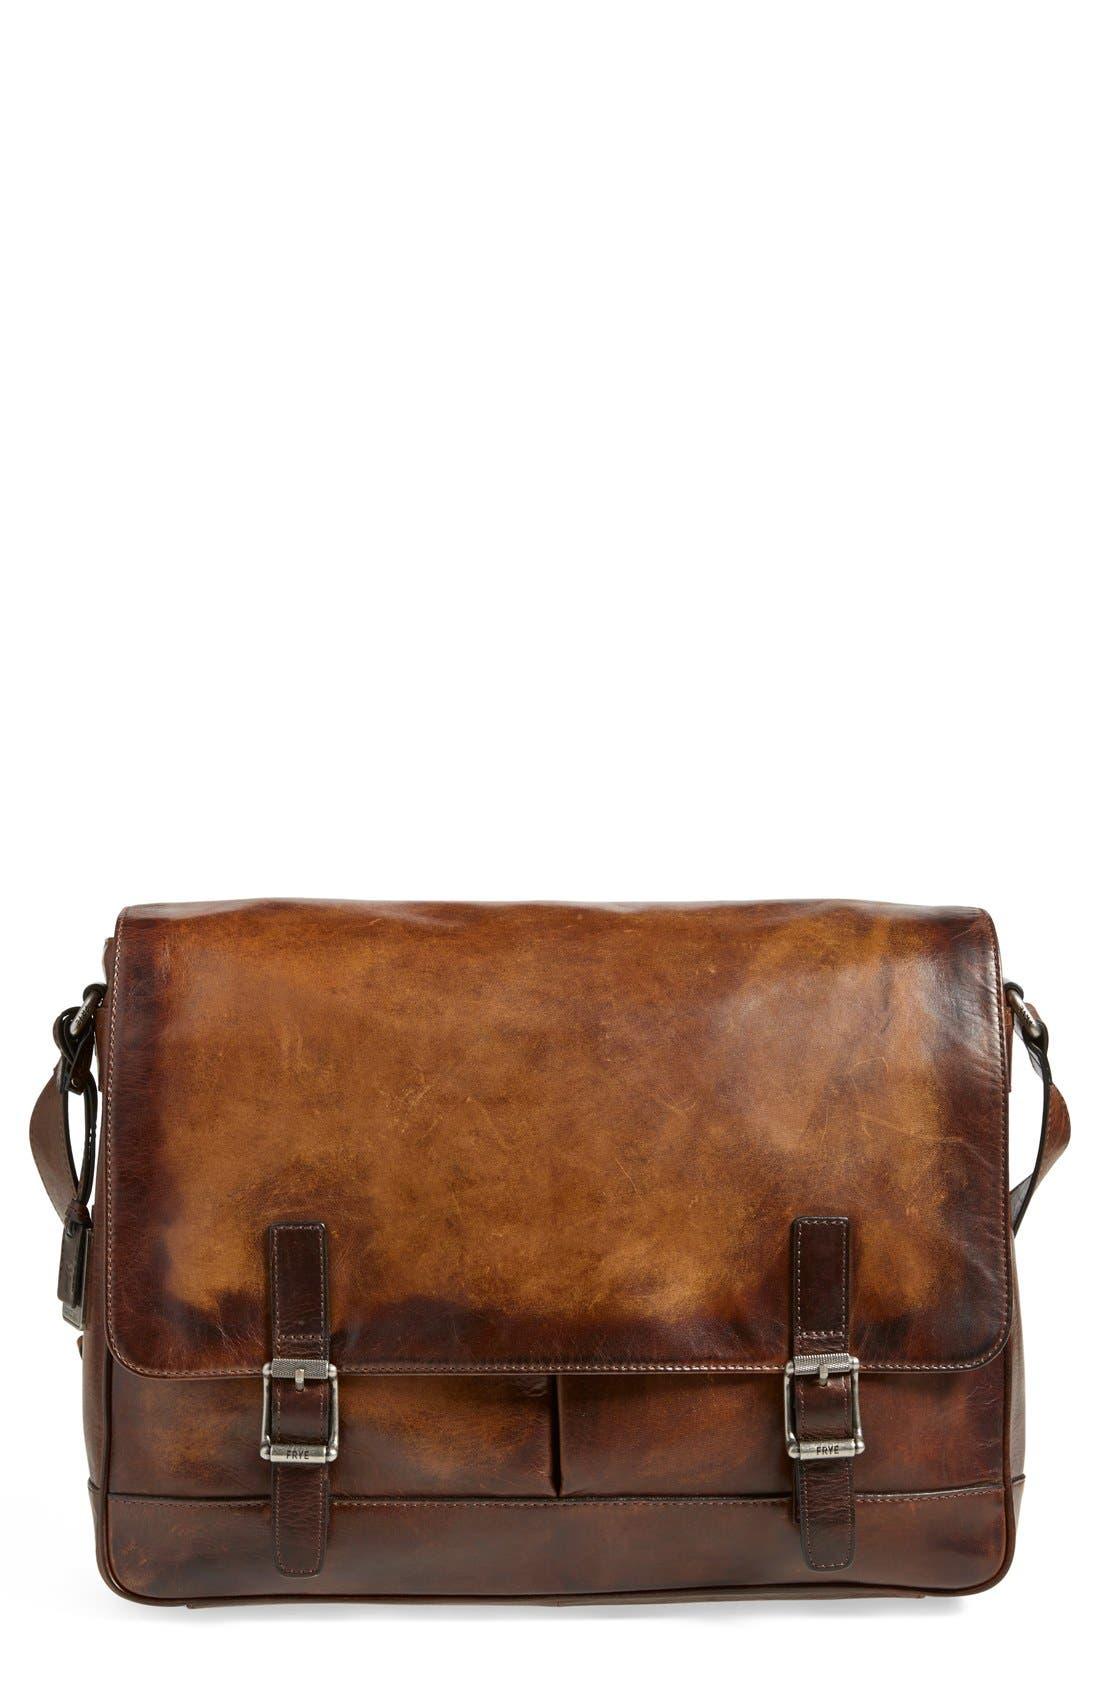 'Oliver' Leather Messenger Bag,                             Main thumbnail 1, color,                             Dark Brown